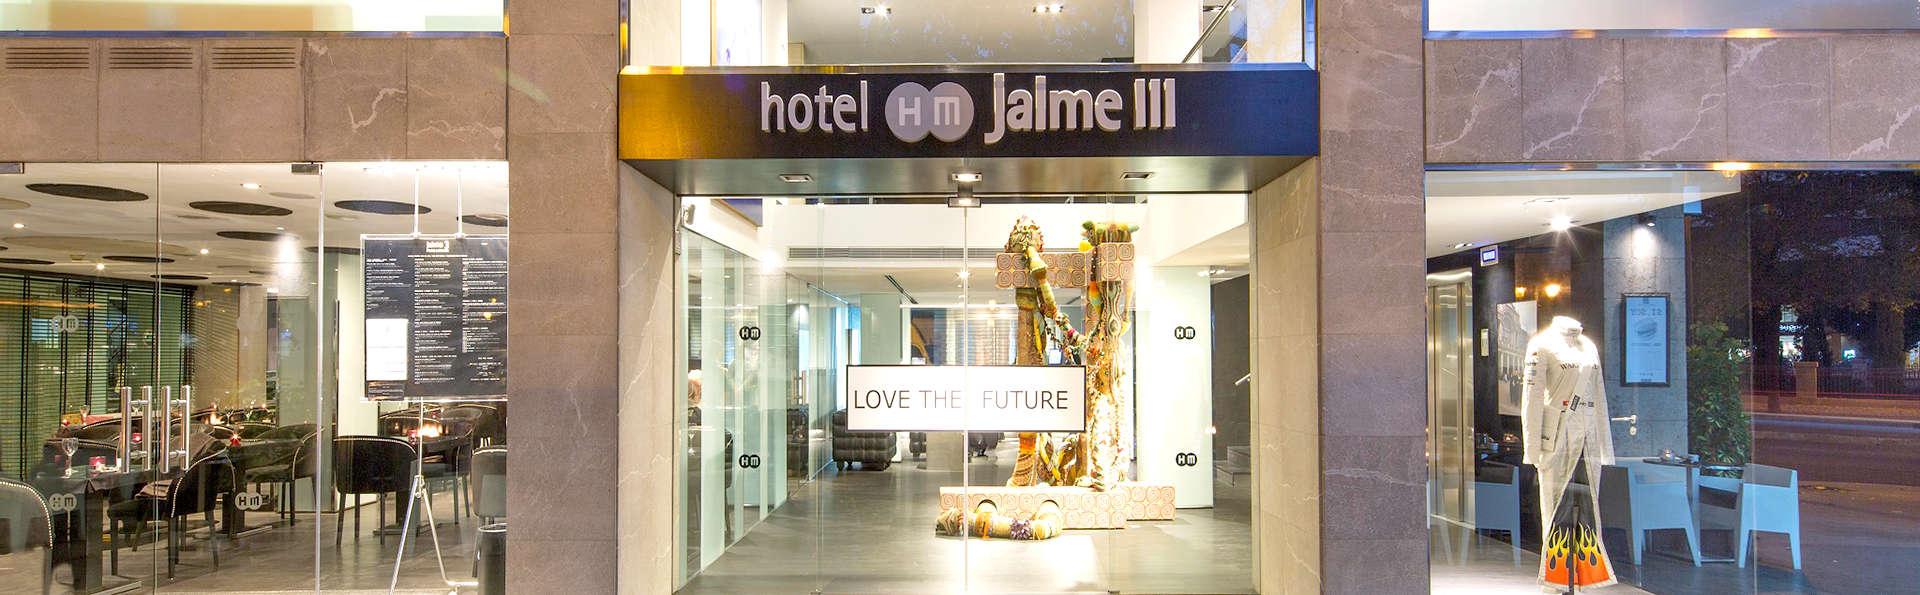 HM Jaime III - Edit_Front2.jpg